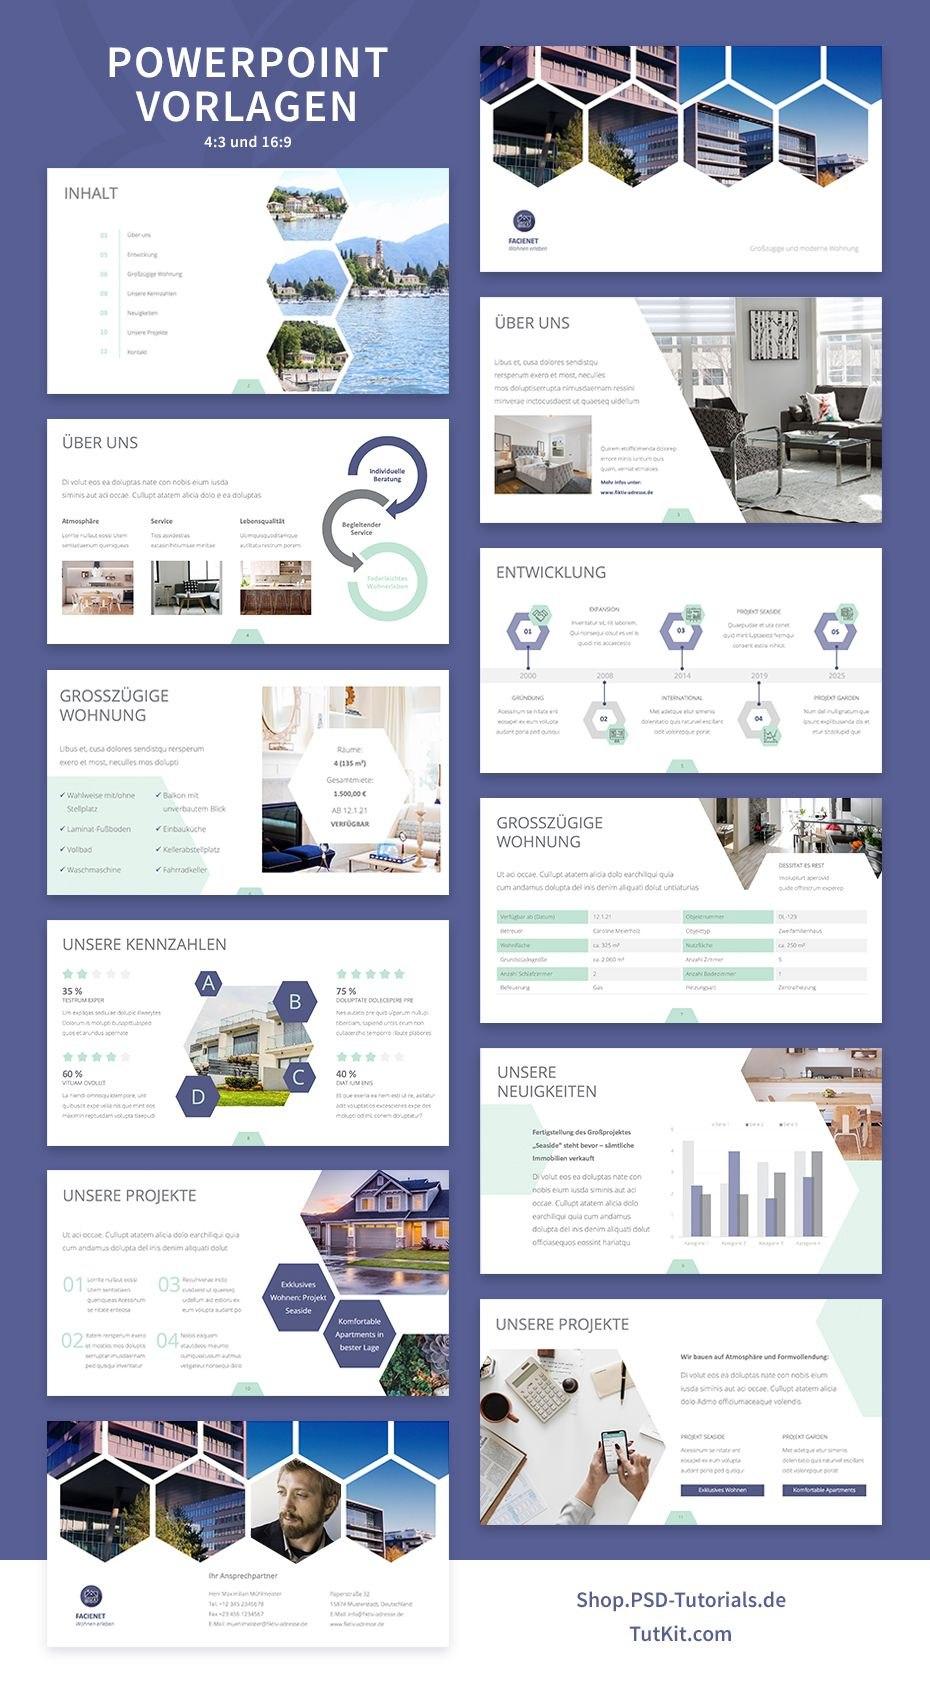 Designstarke Vorlagen Für Immobilienfirmen Und Architekturbüros For University Of Miami Powerpoint Template